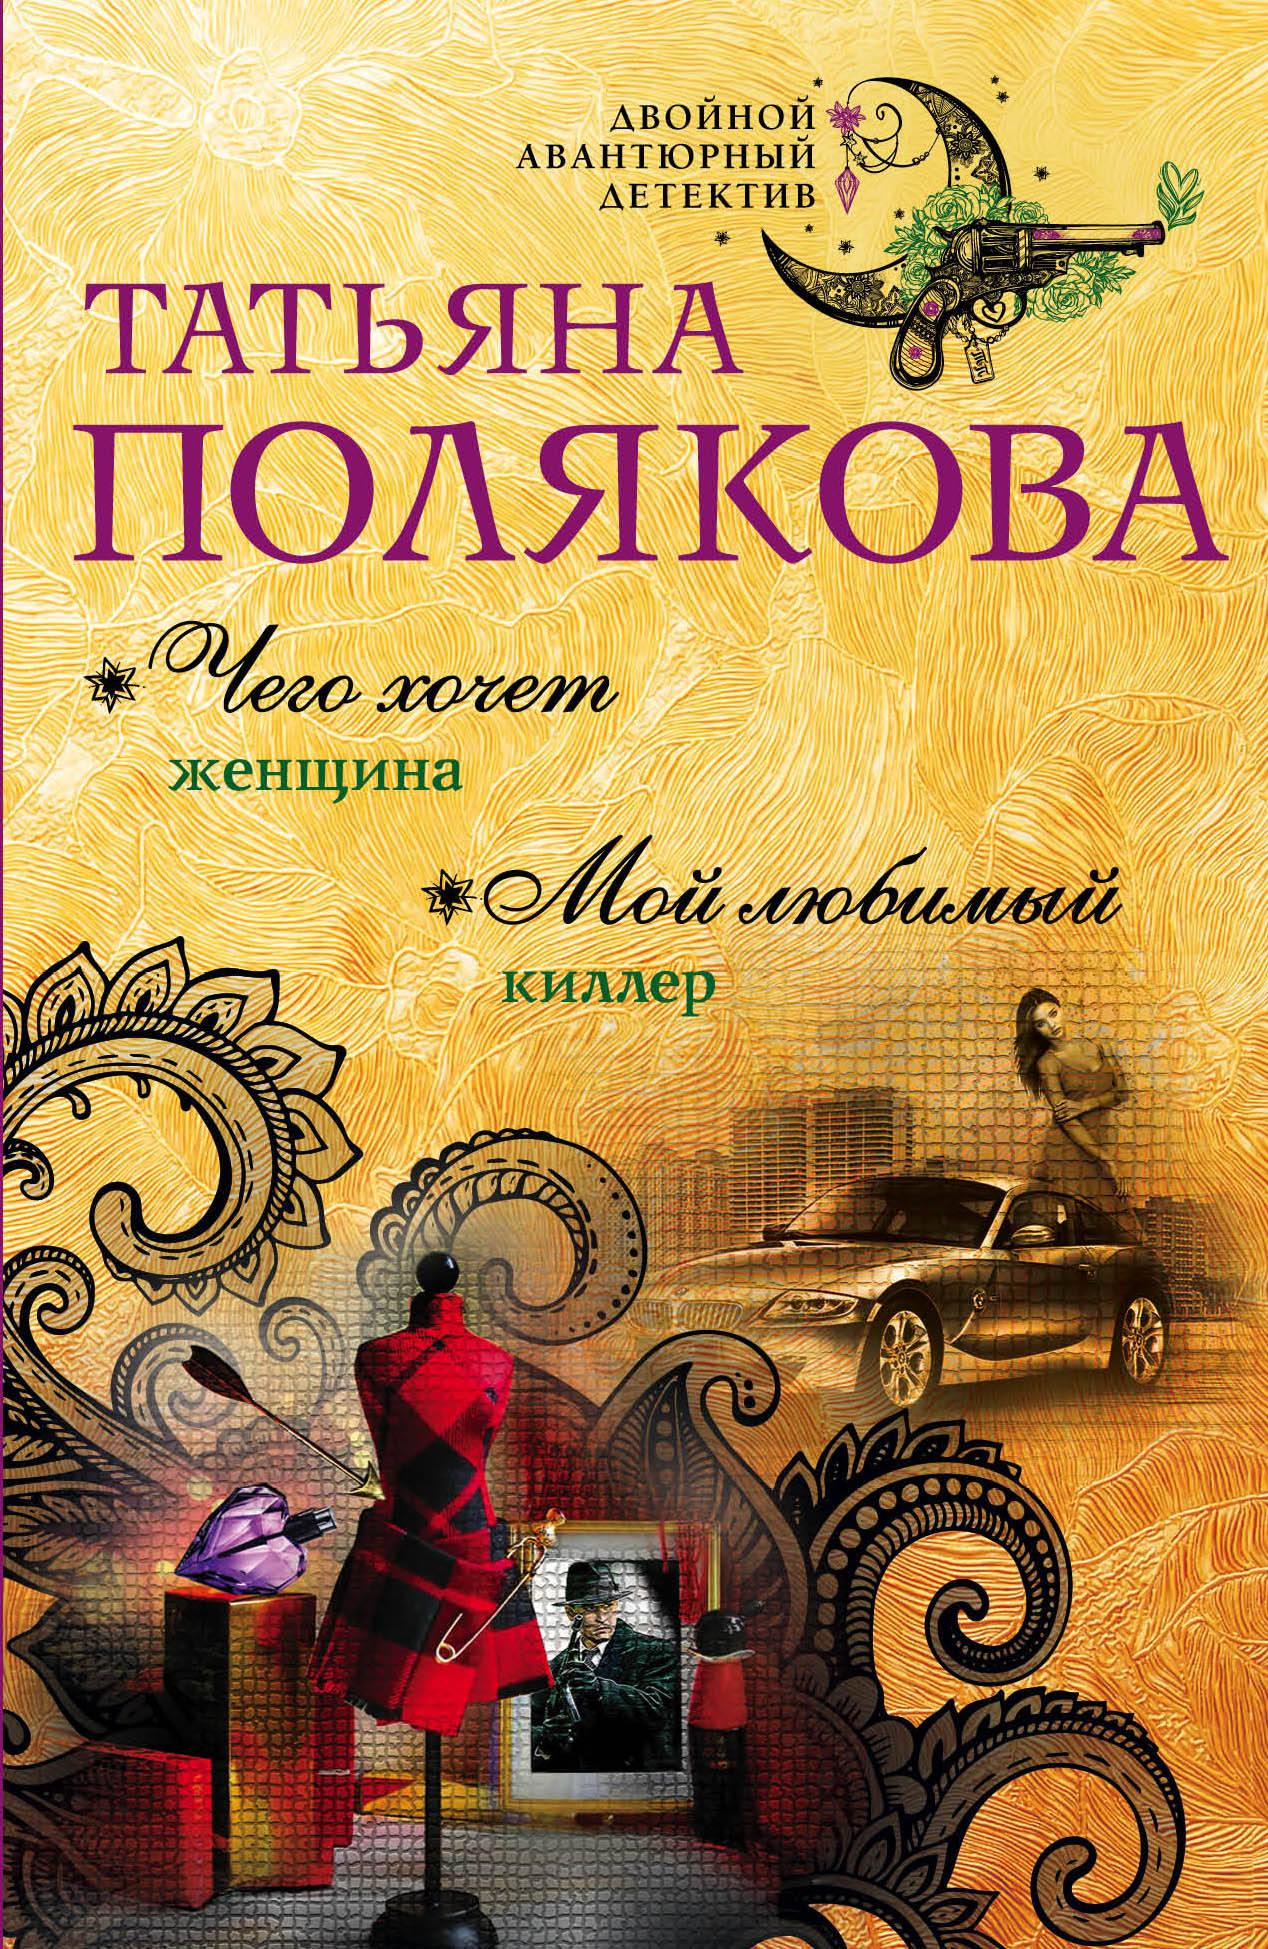 Татьяна Полякова Чего хочет женщина. Мой любимый киллер ISBN: 978-5-699-99968-2 полякова татьяна викторовна чего хочет женщина роман